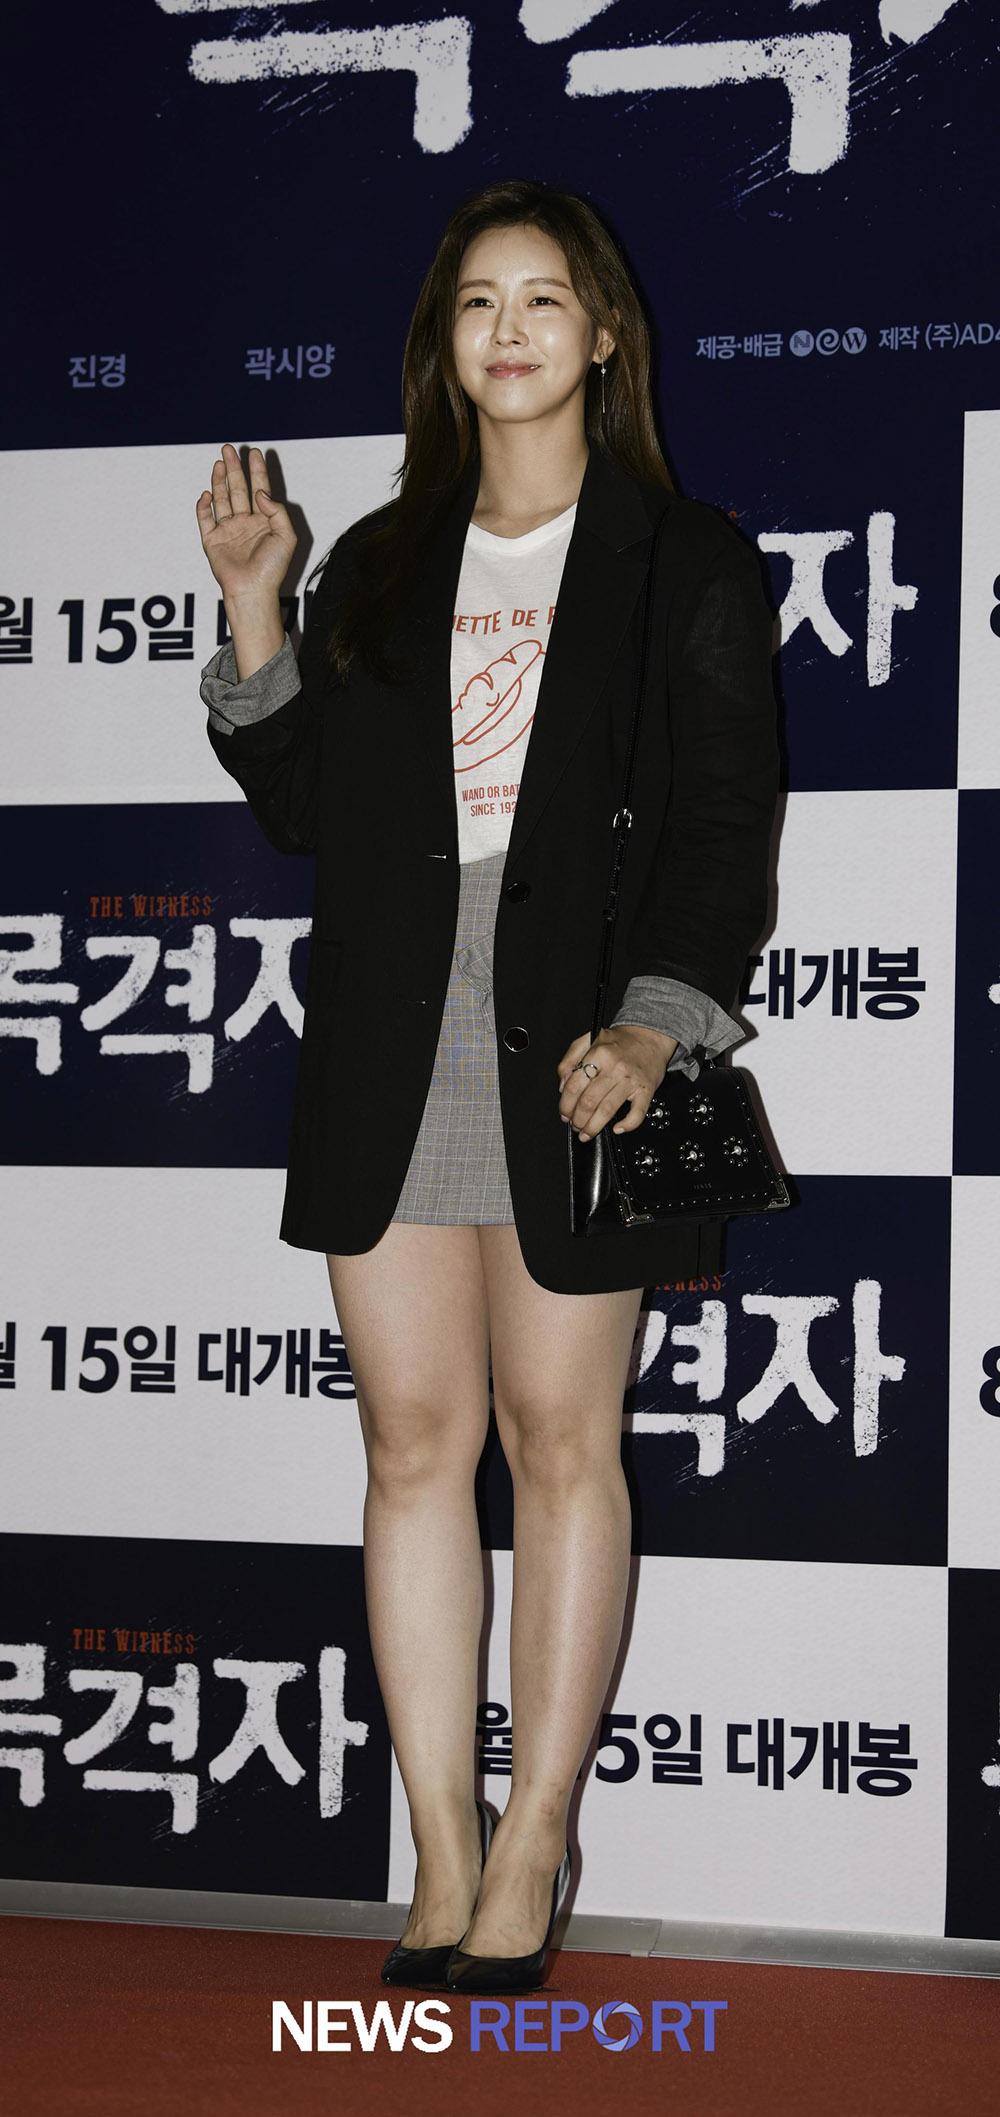 배우 경수진 영화 목격자 뉴스리포트